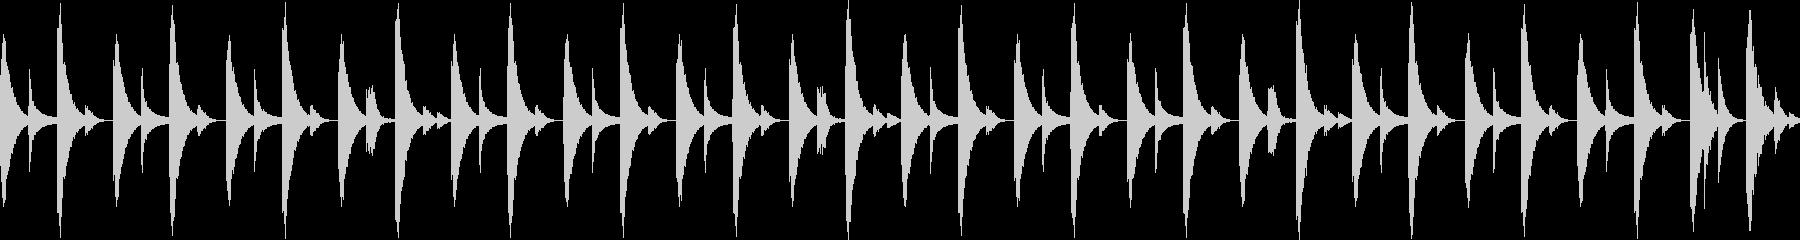 808音源を使用したシンプルなリズム03の未再生の波形